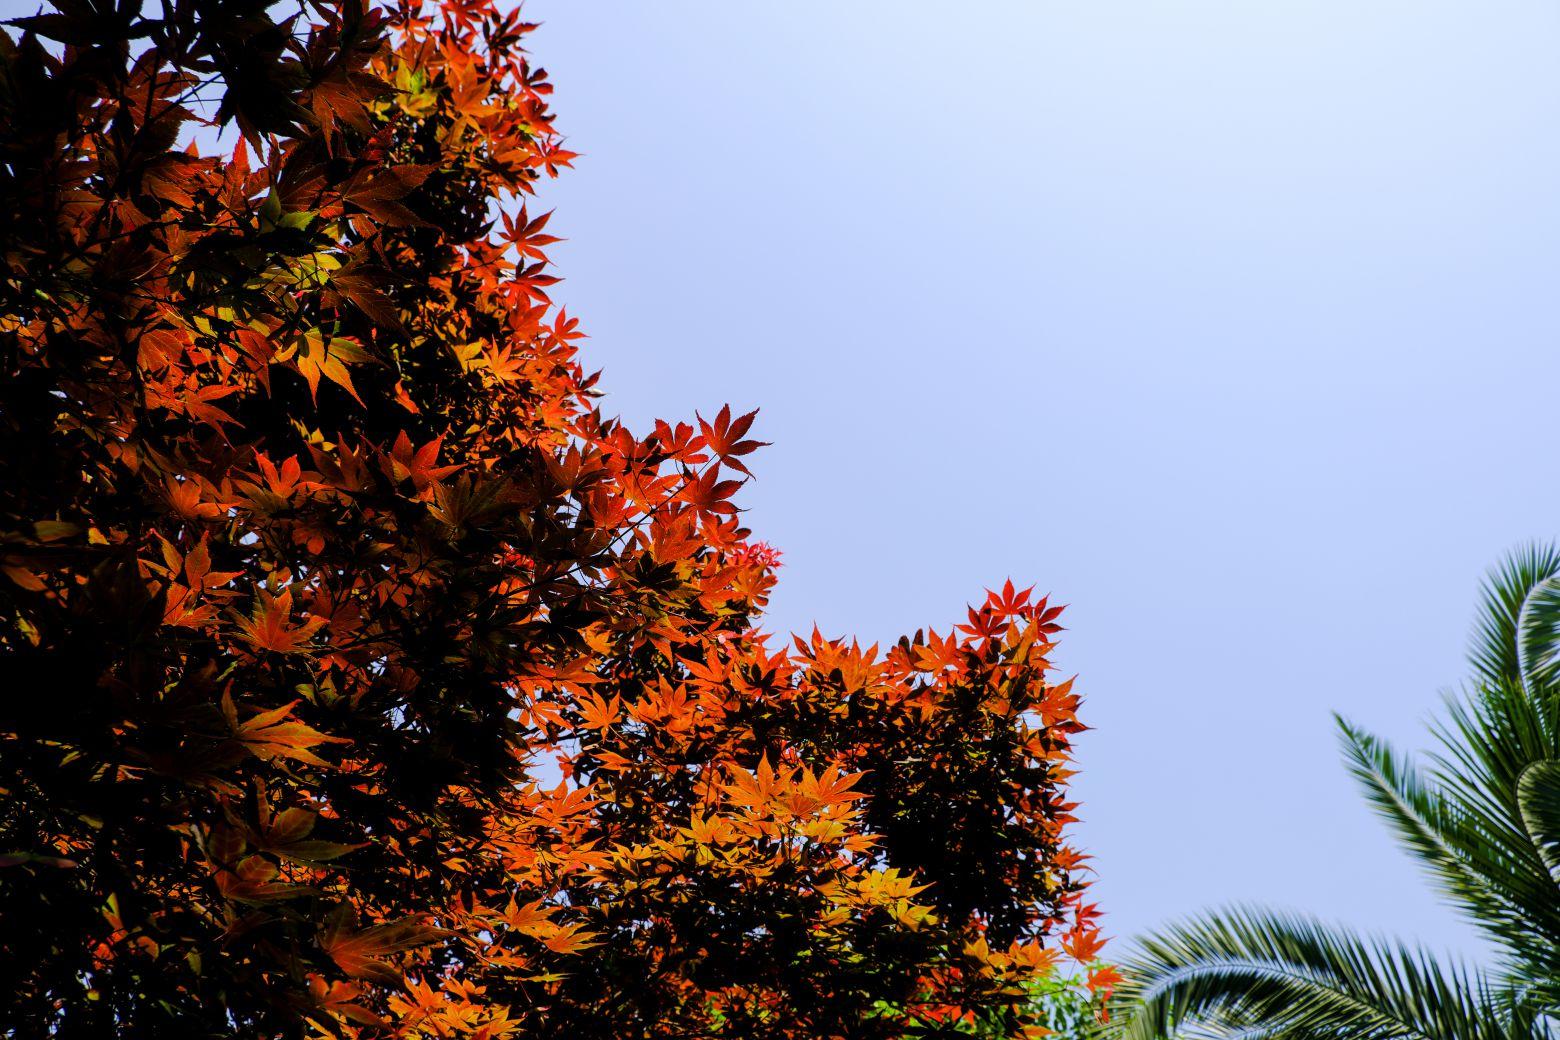 红色枫叶照片 - 免费商用图库